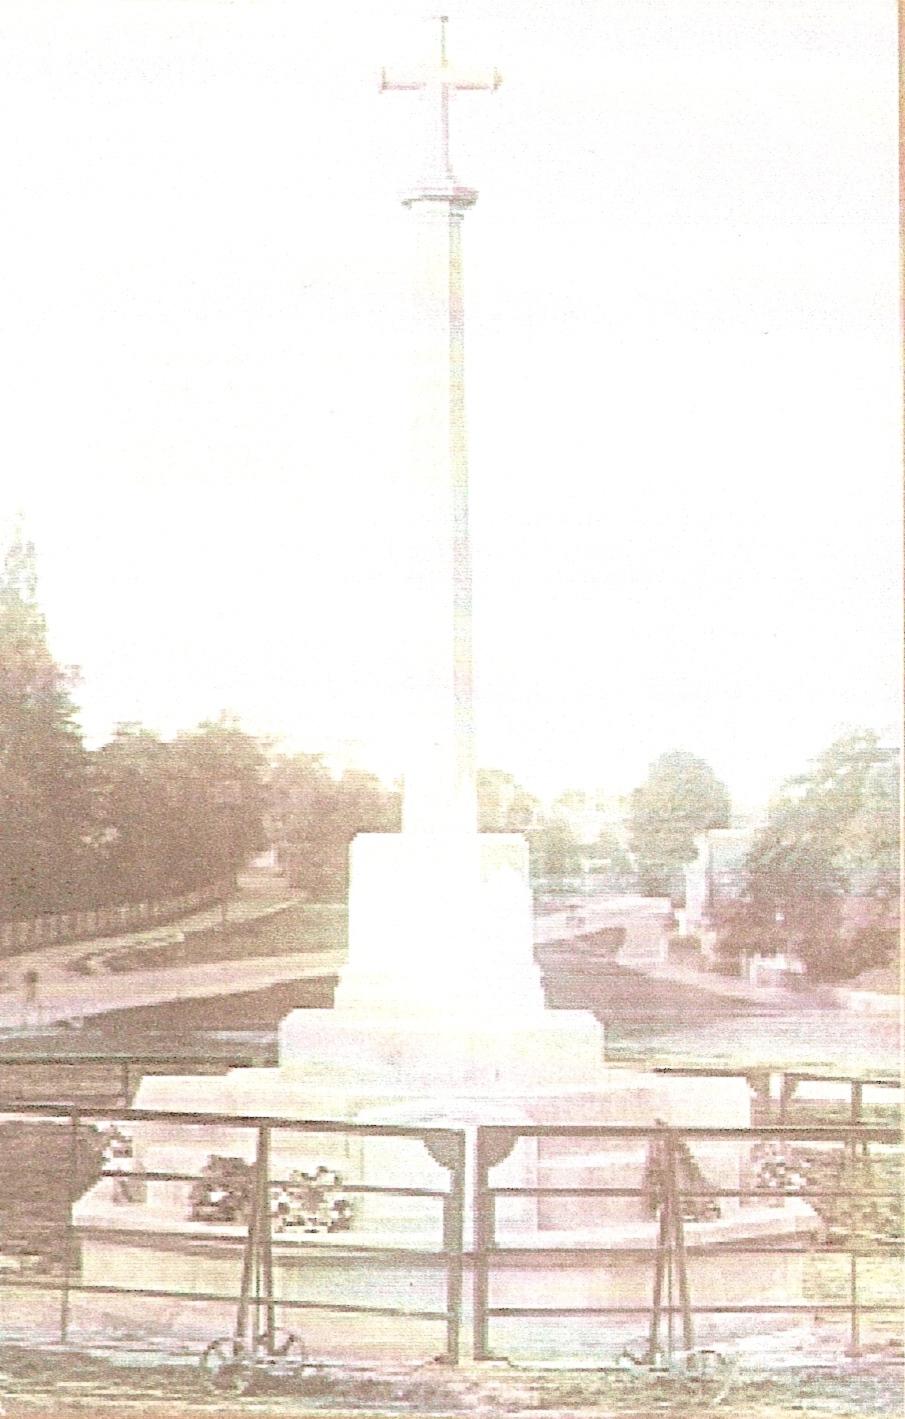 363 war memorial card